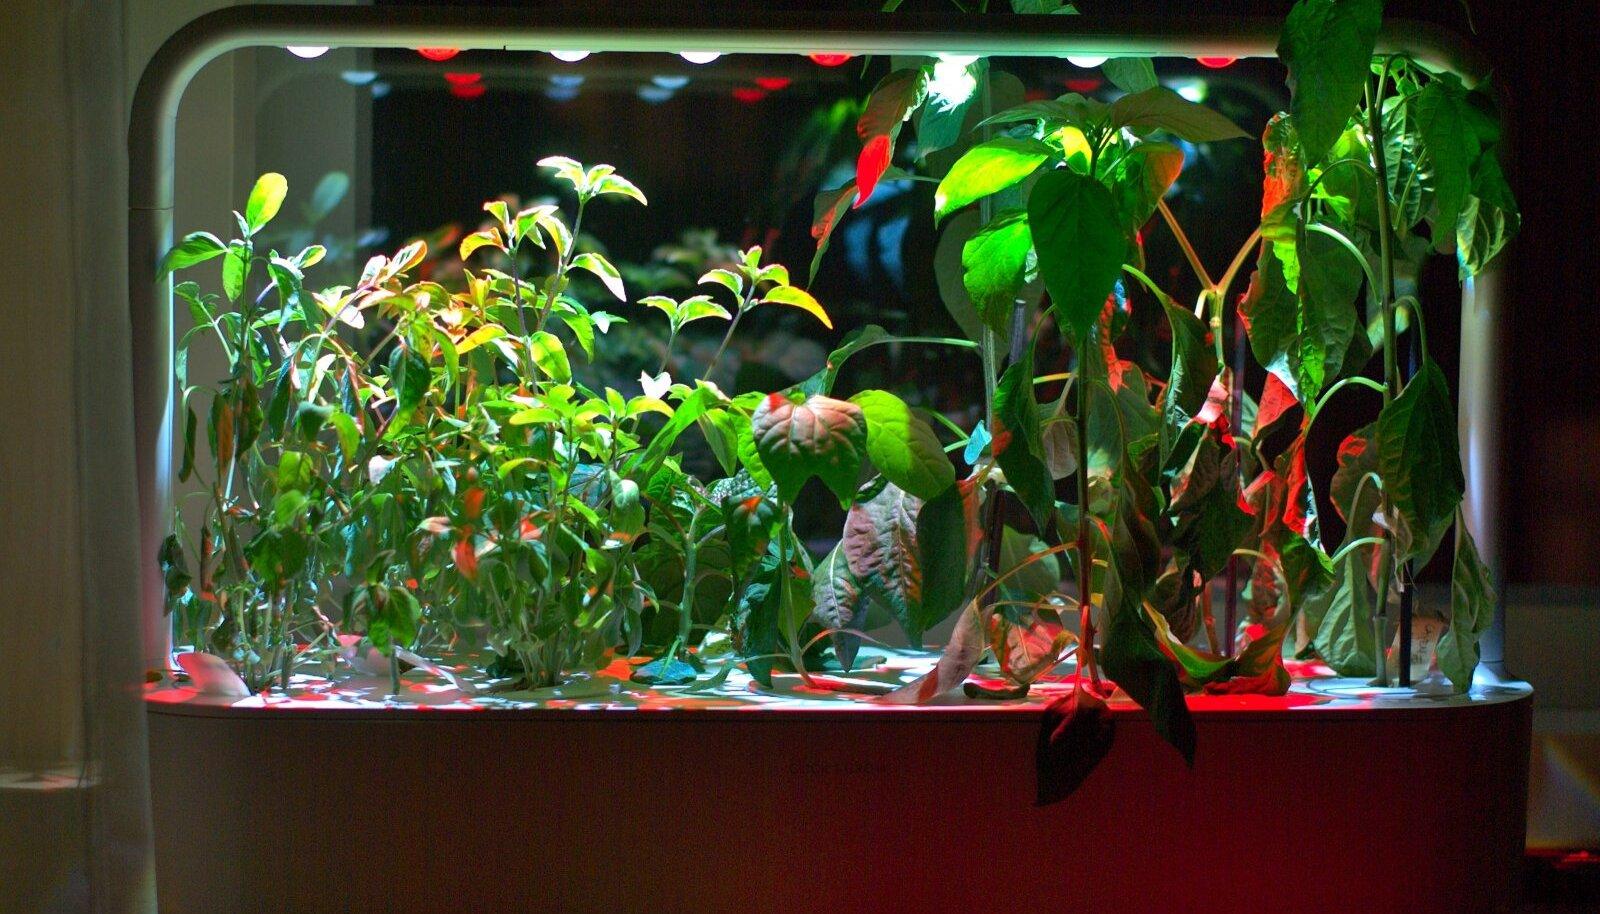 Pärast kaht nädalat üksi olemist on taimedel vesi otsa saanud ja nad on kasvanud üle valgustuse. Õnneks jõudsin viimasel hetkel nad ümber istutada.